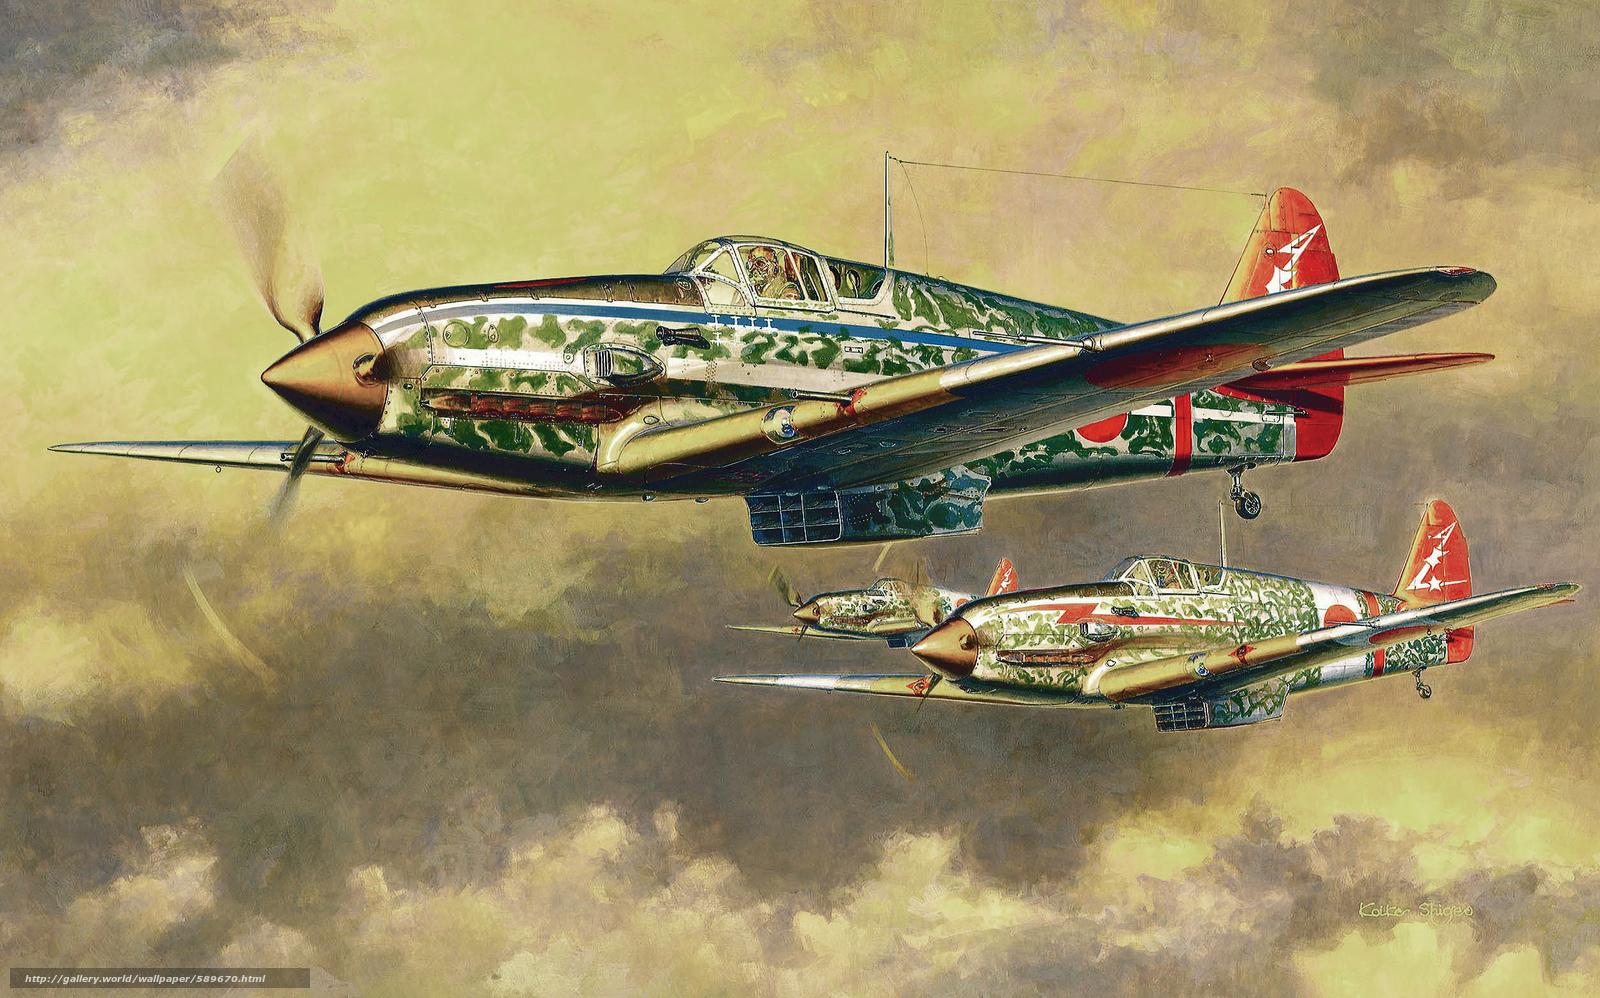 Скачать обои Арт,  Самолет,  Япония. Japanese aircraft,  Kawasaki KI-61 Hien Type I-Hei бесплатно для рабочего стола в разрешении 2512x1567 — картинка №589670